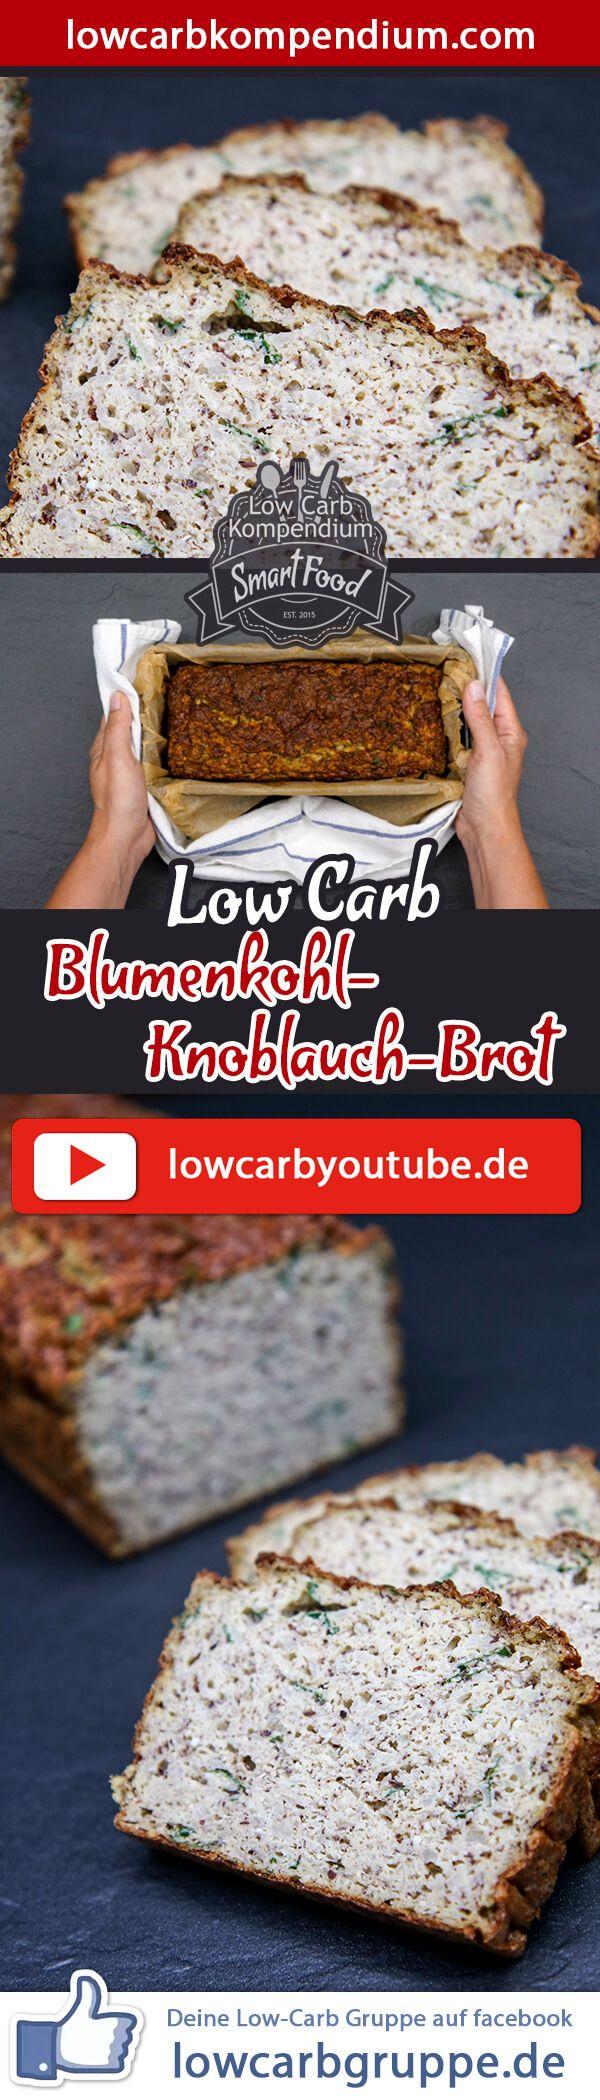 (Low Carb Kompendium) – Unser herzhaft-saftigesBlumenkohl-Knoblauch-Brot ist ein absoluter Hit! Dieses Low-Carb Rezept ist eine besonders leckere Alternative zu herkömmlichen Broten und eignet sich obendrein auch als Beilage ganz pur zu herzhaften Gerichten. Um das Low-Carb-Brot lange genießen zu können, empfehlen wir das Brot einzufrieren und bei Bedarf Teile wieder aufzutauen. Und nun wünschen wir dir viel Spaß beim Nachbacken, LG Andy & Diana.